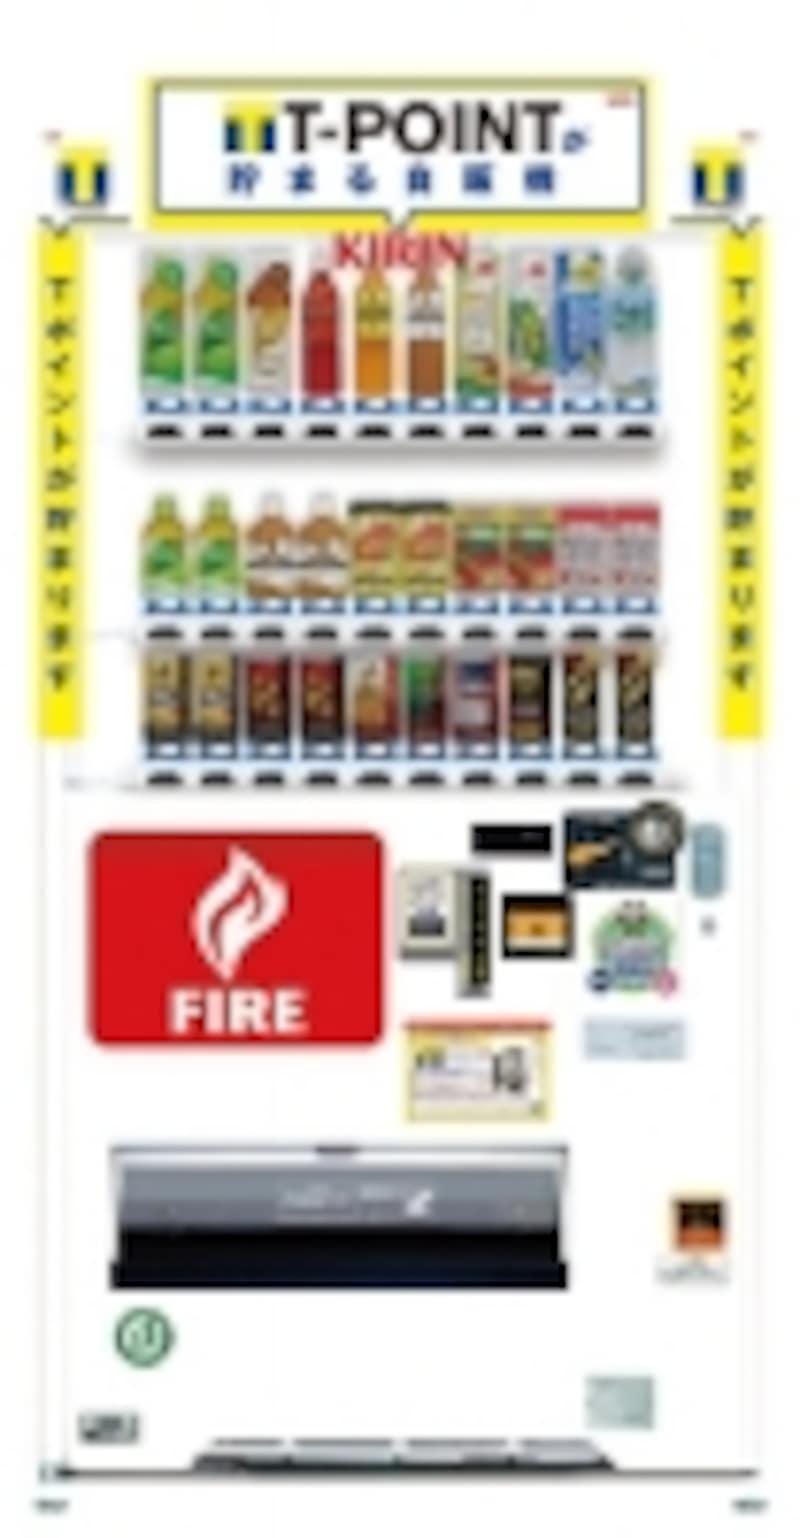 キリンビバレッジのTポイントが貯まる自動販売機(ニュースリリースより)